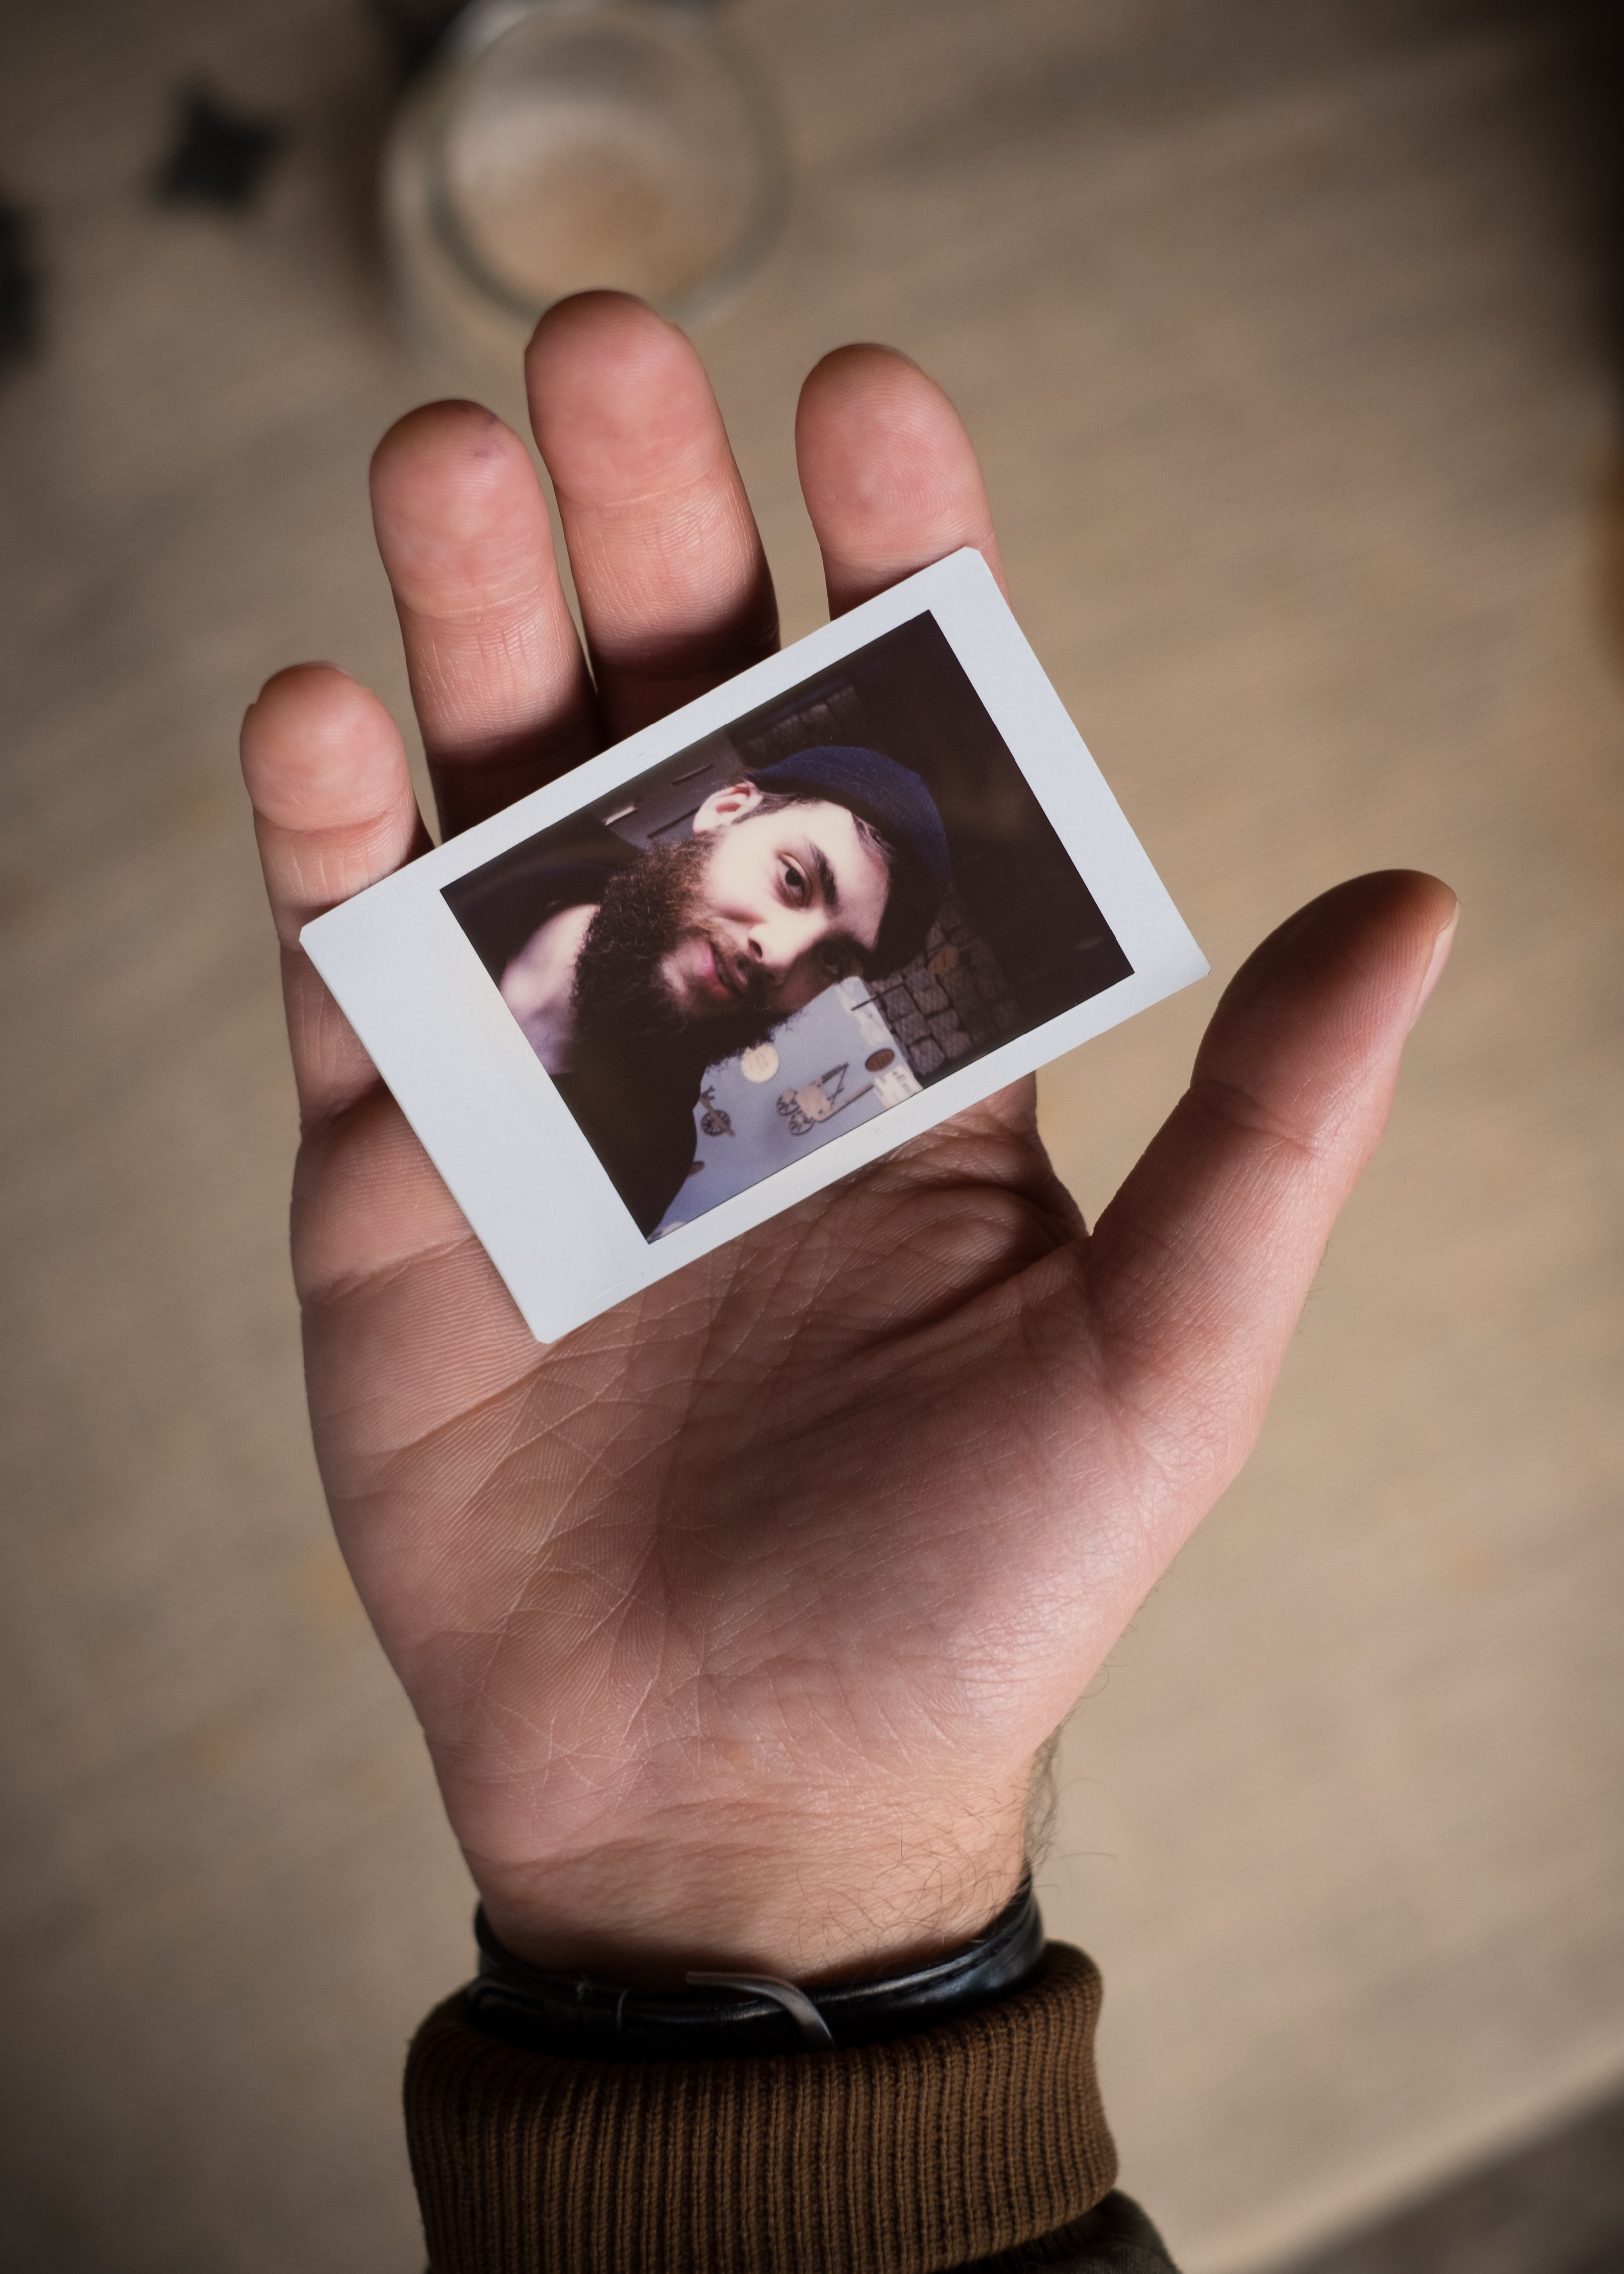 Olivier Bourget portrait dans la main-78